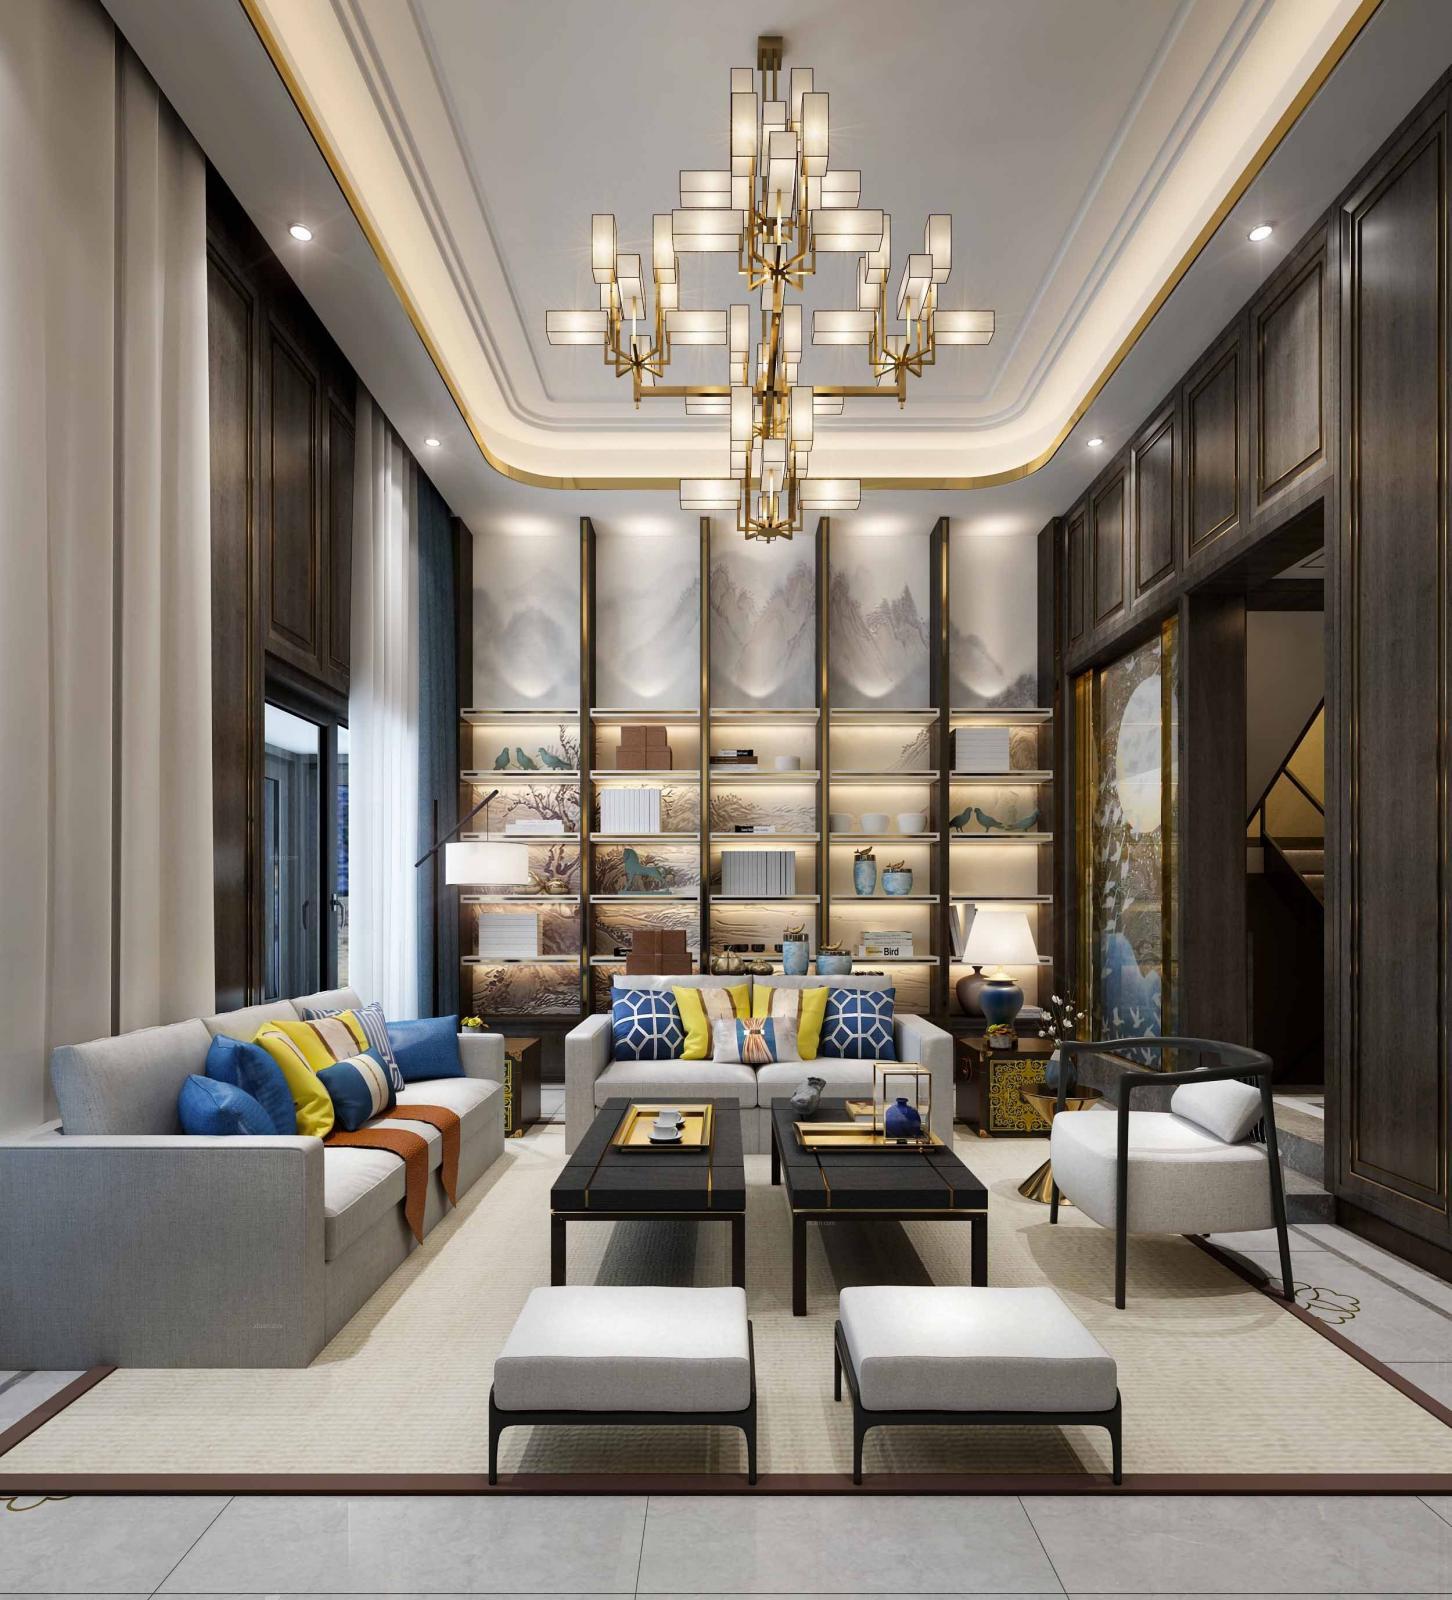 新弘国际城别墅新中式设计装修效果图